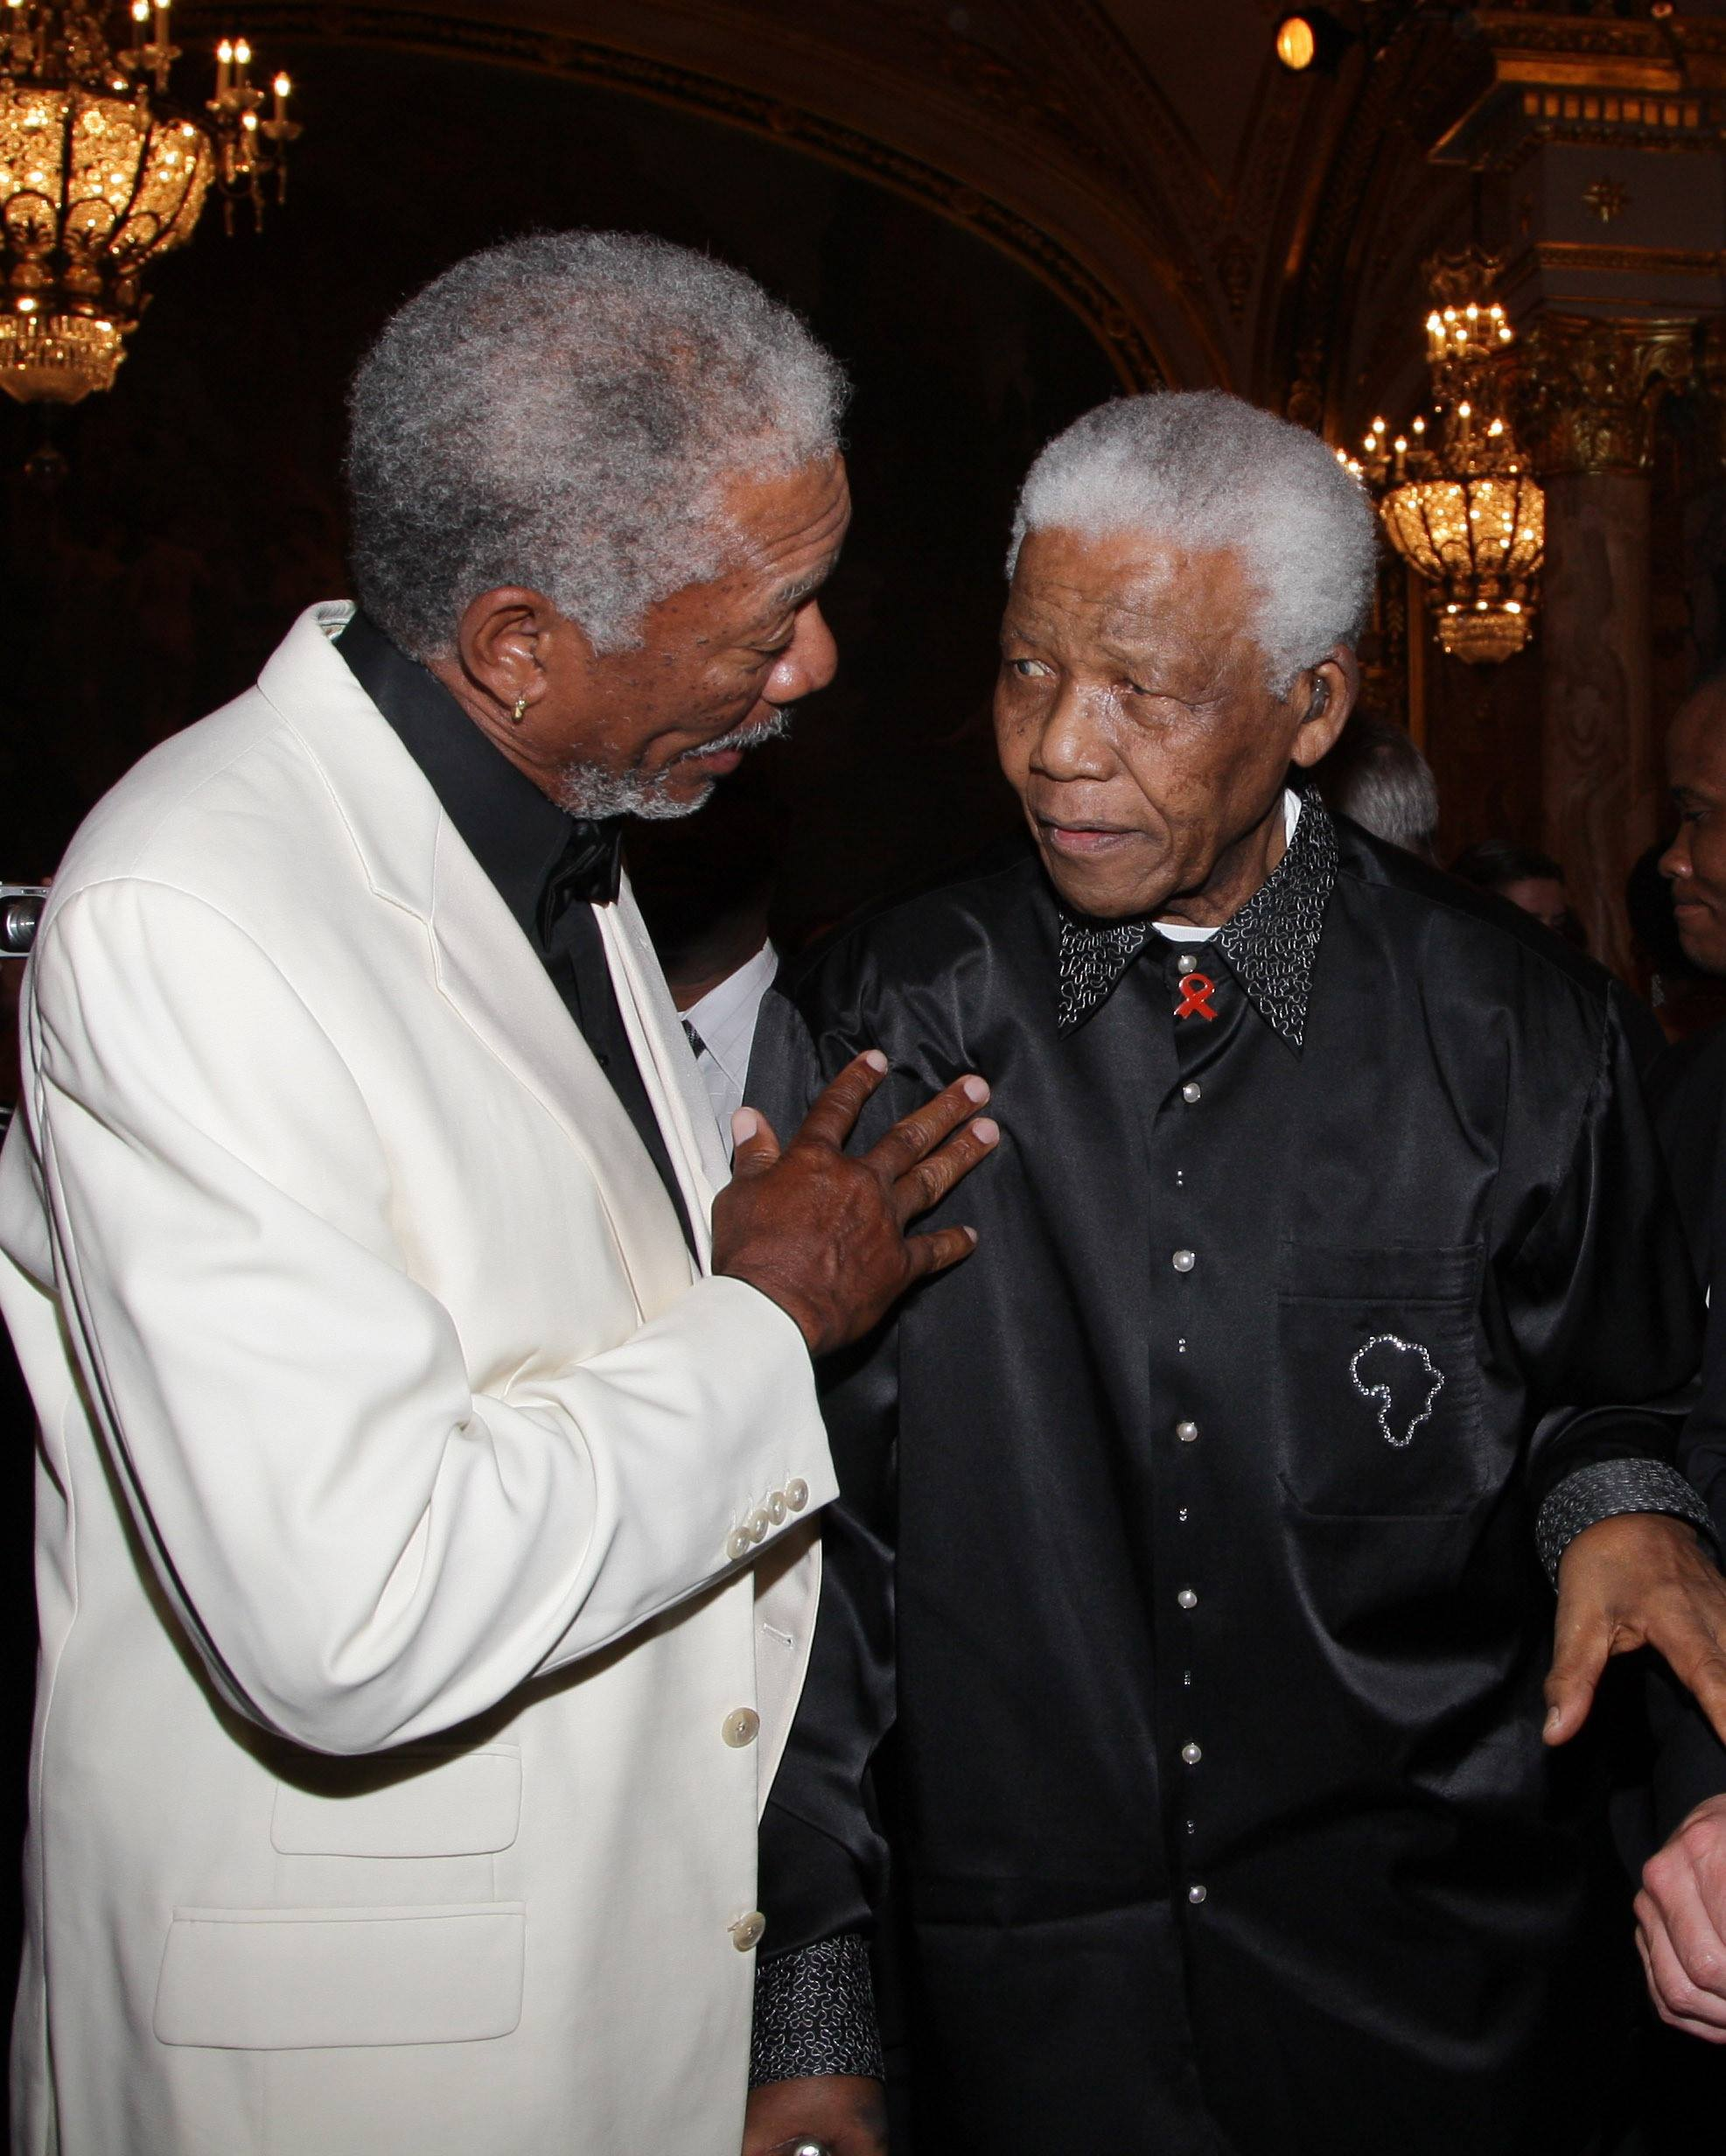 Nelson Mandela: İnsan Hakları ve Özgürlüğe Adanmış Bir ...